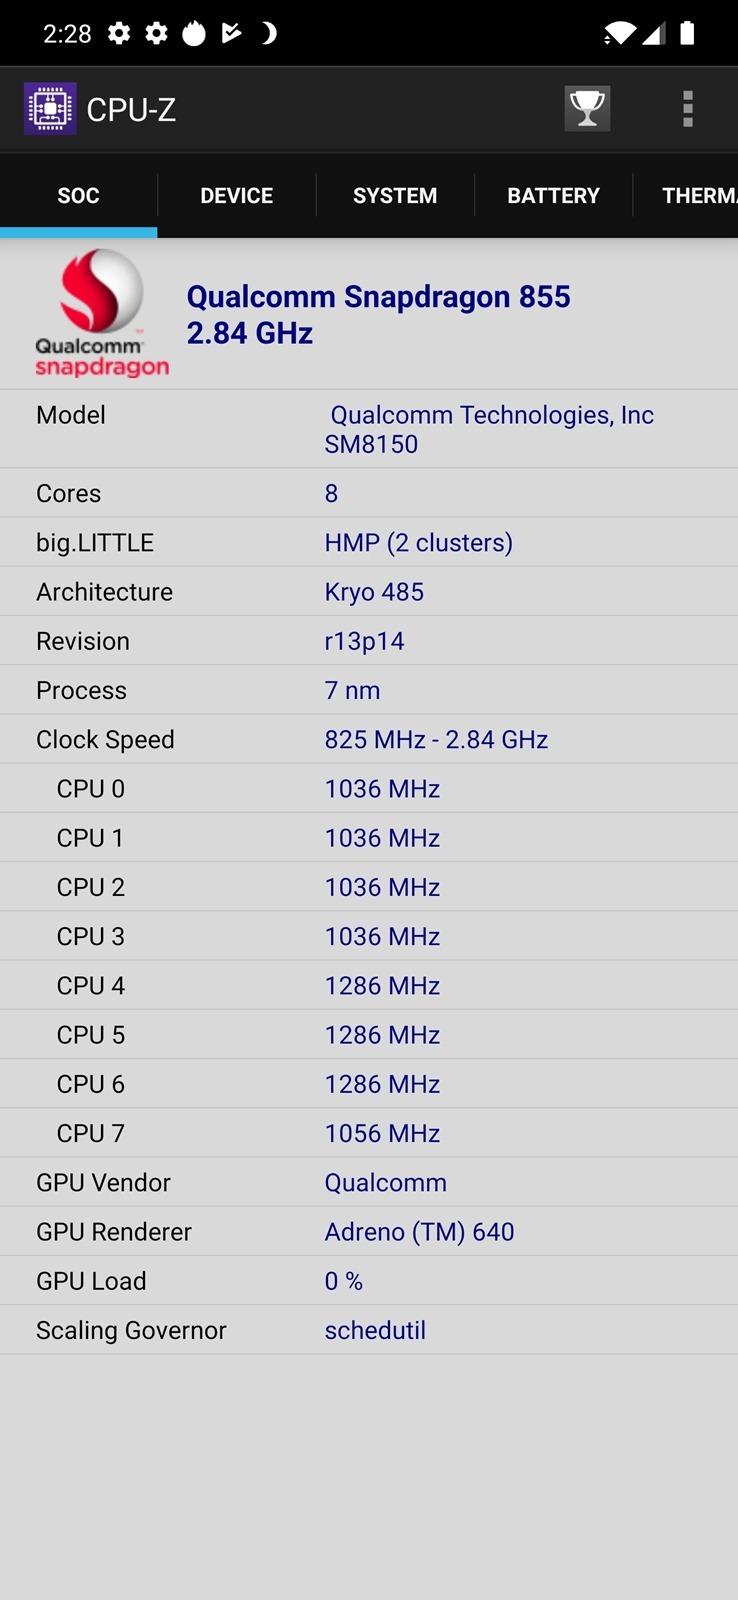 正面挑戰旗艦 OnePlus 7 Pro (1) 性能電力測試 + 常見問題(購買問題,台灣使用問題)@3C 達人廖阿輝